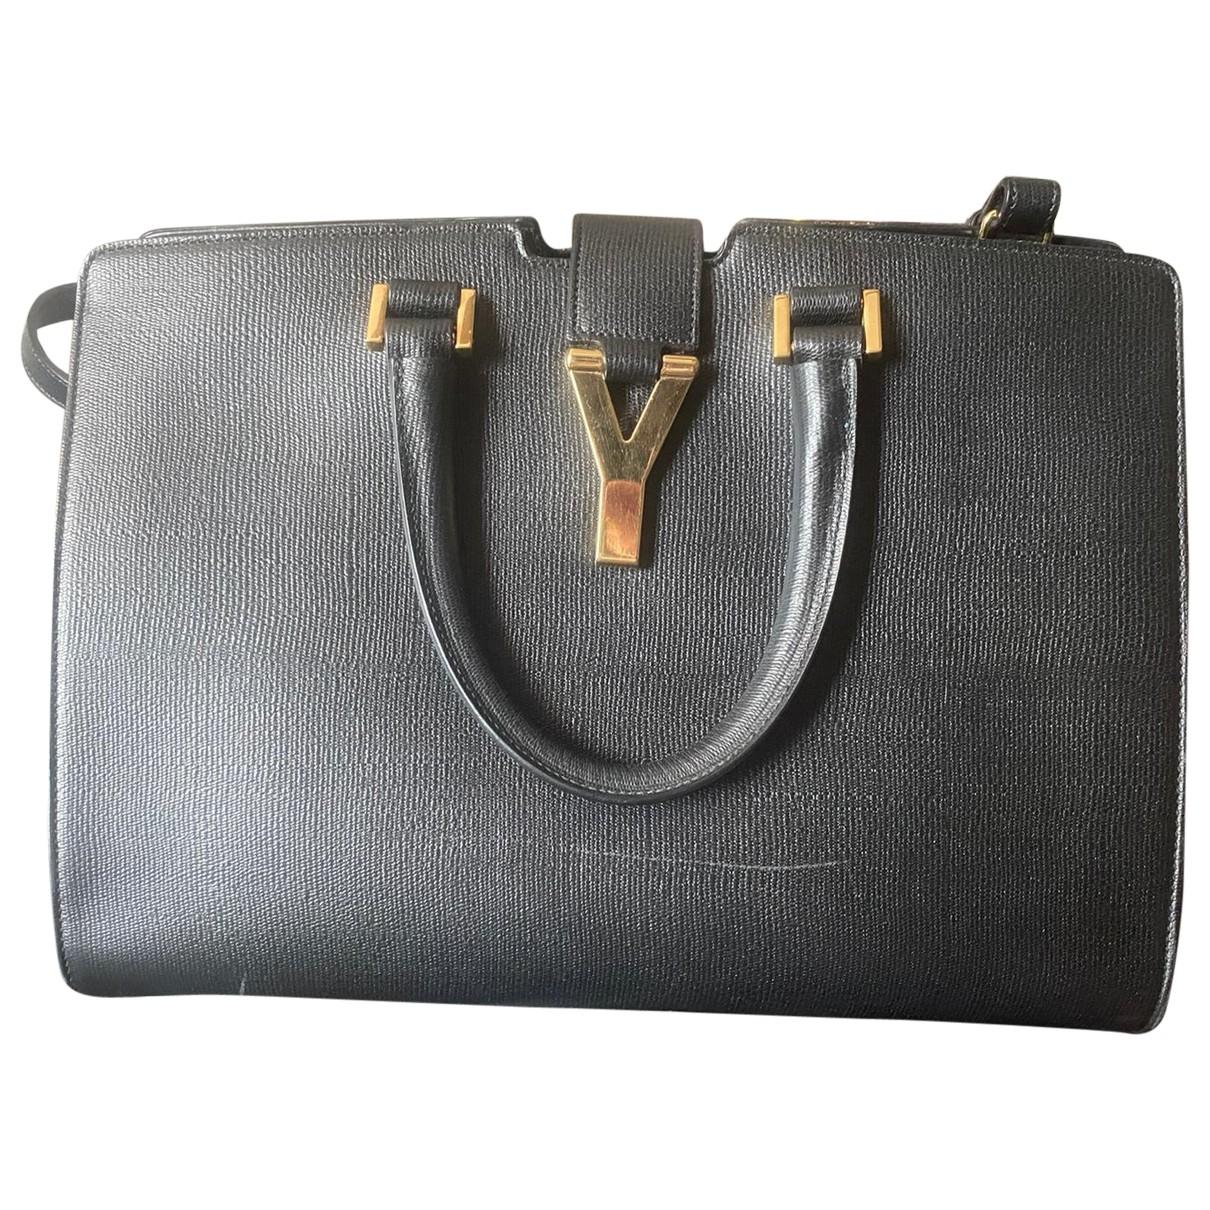 Yves Saint Laurent Chyc Black Leather handbag for Women \N